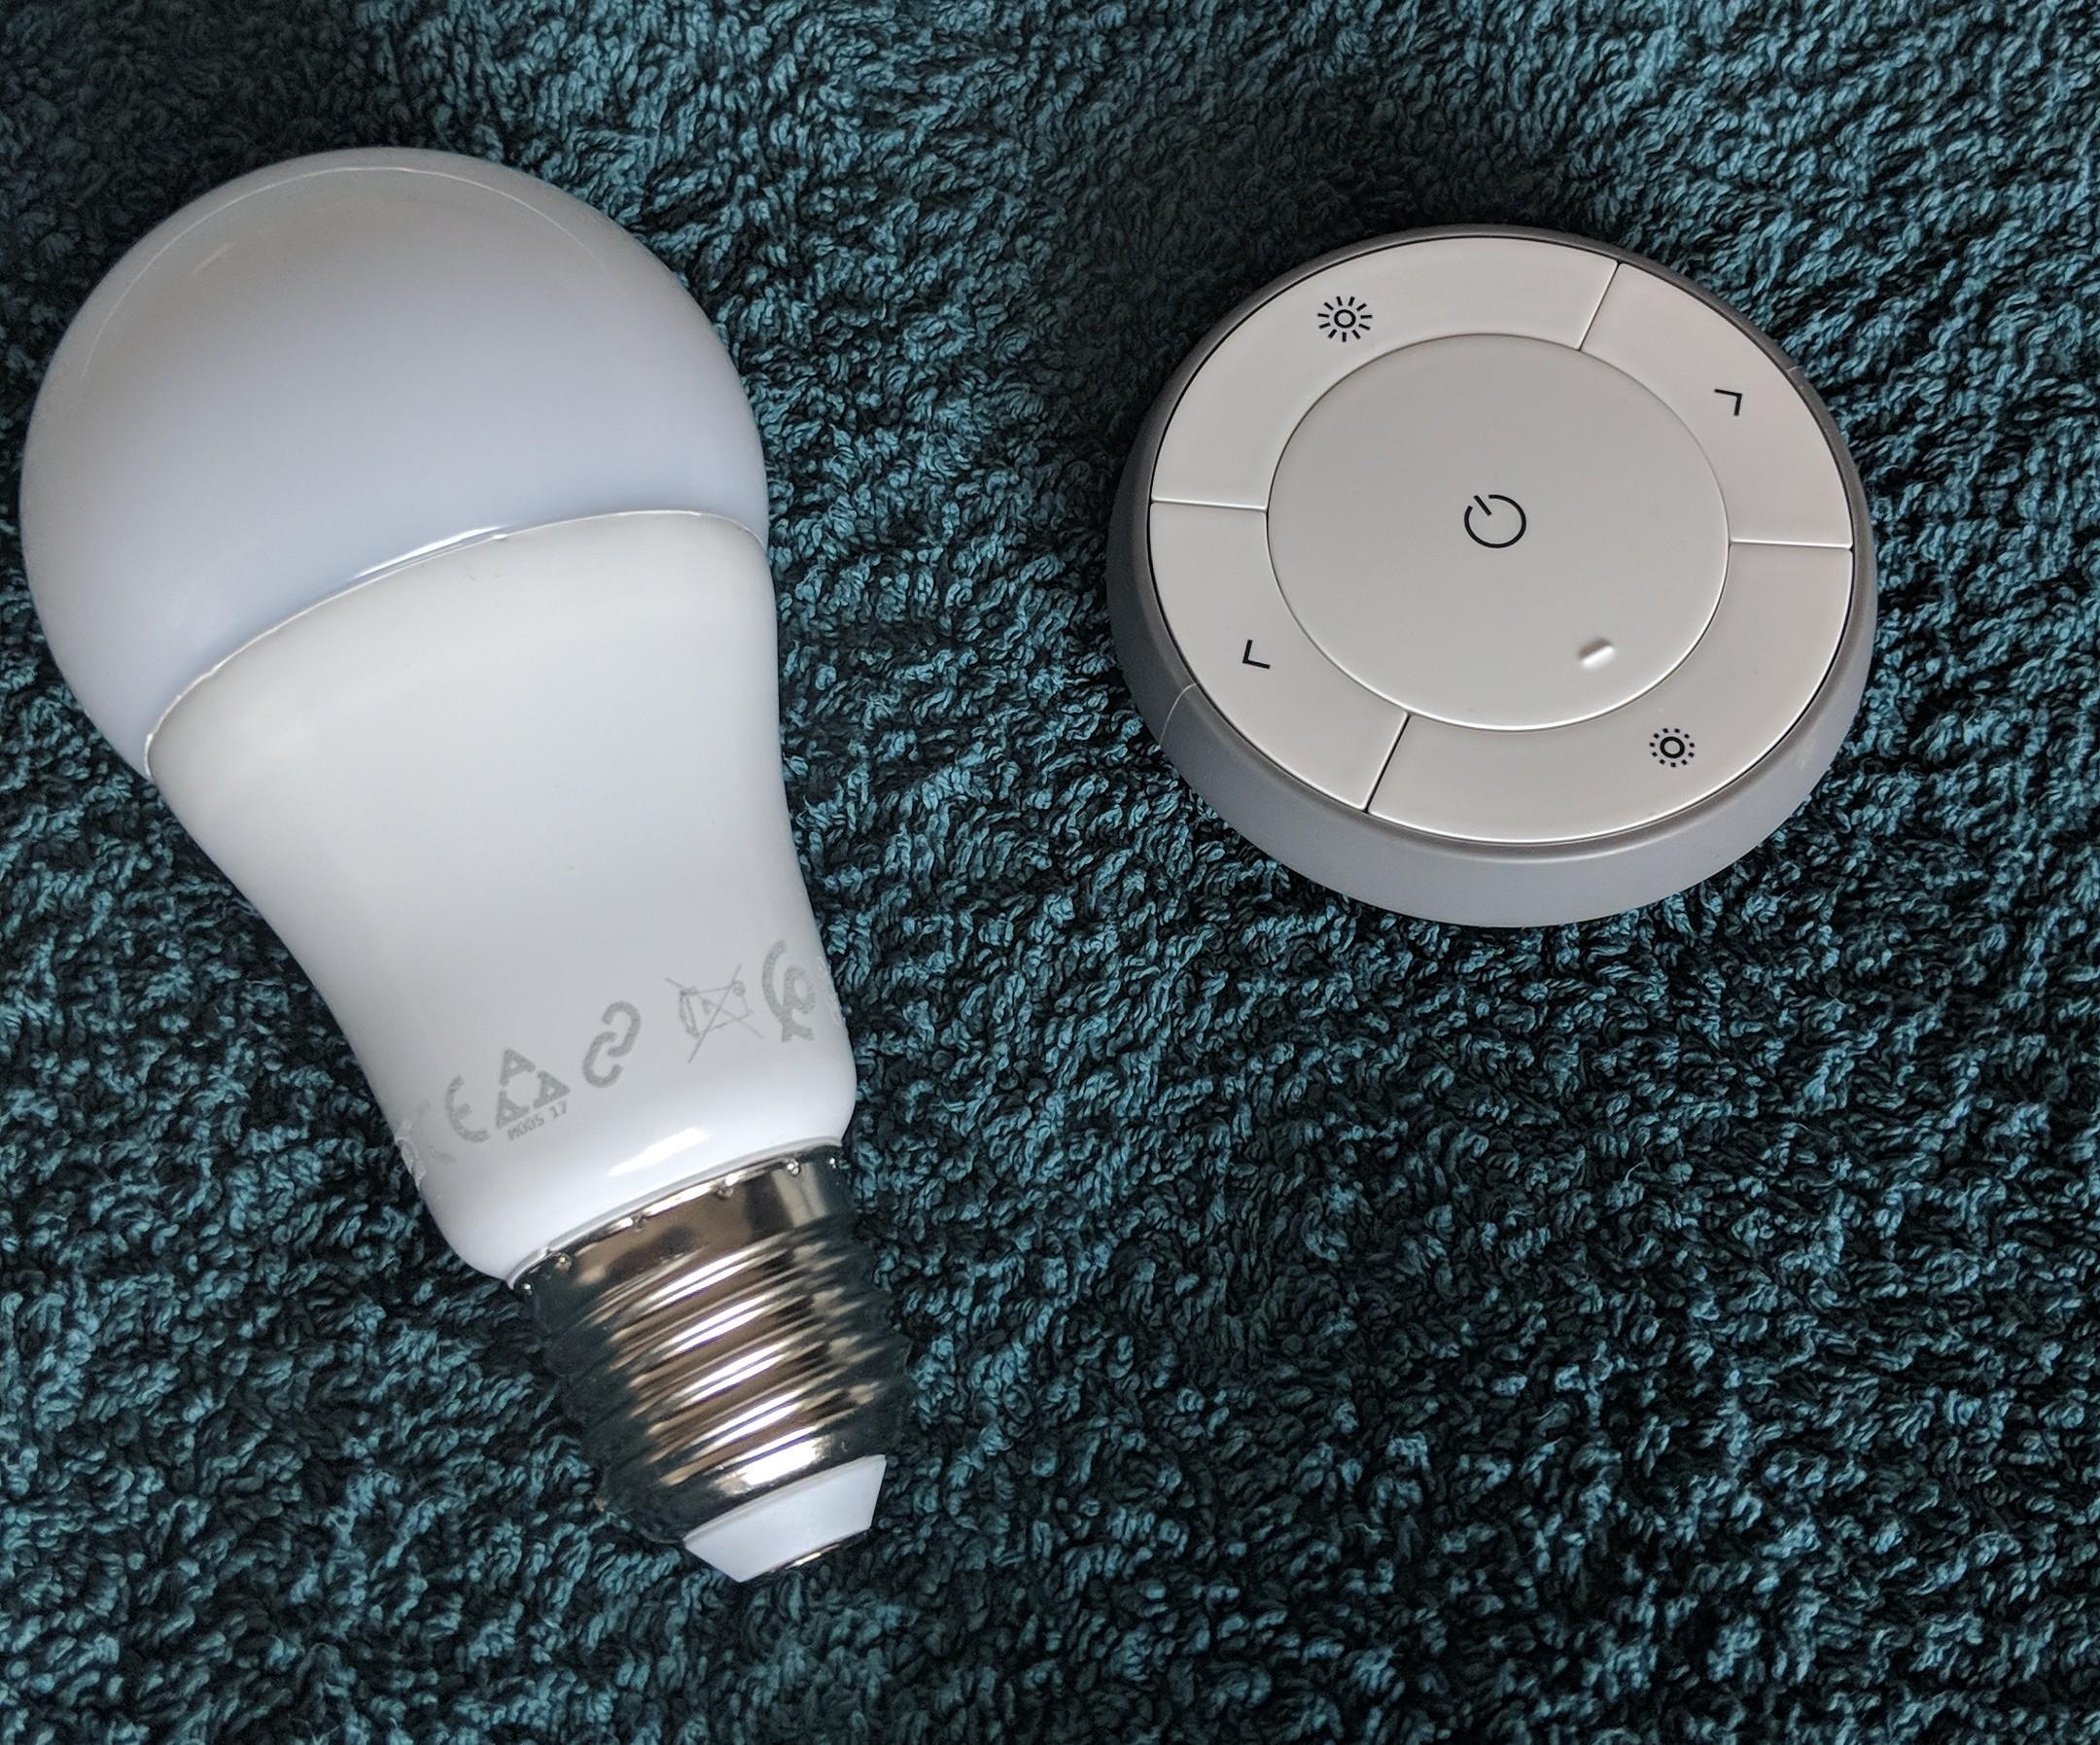 Ikea Tradfri LED-Lampe und Fernbedienung